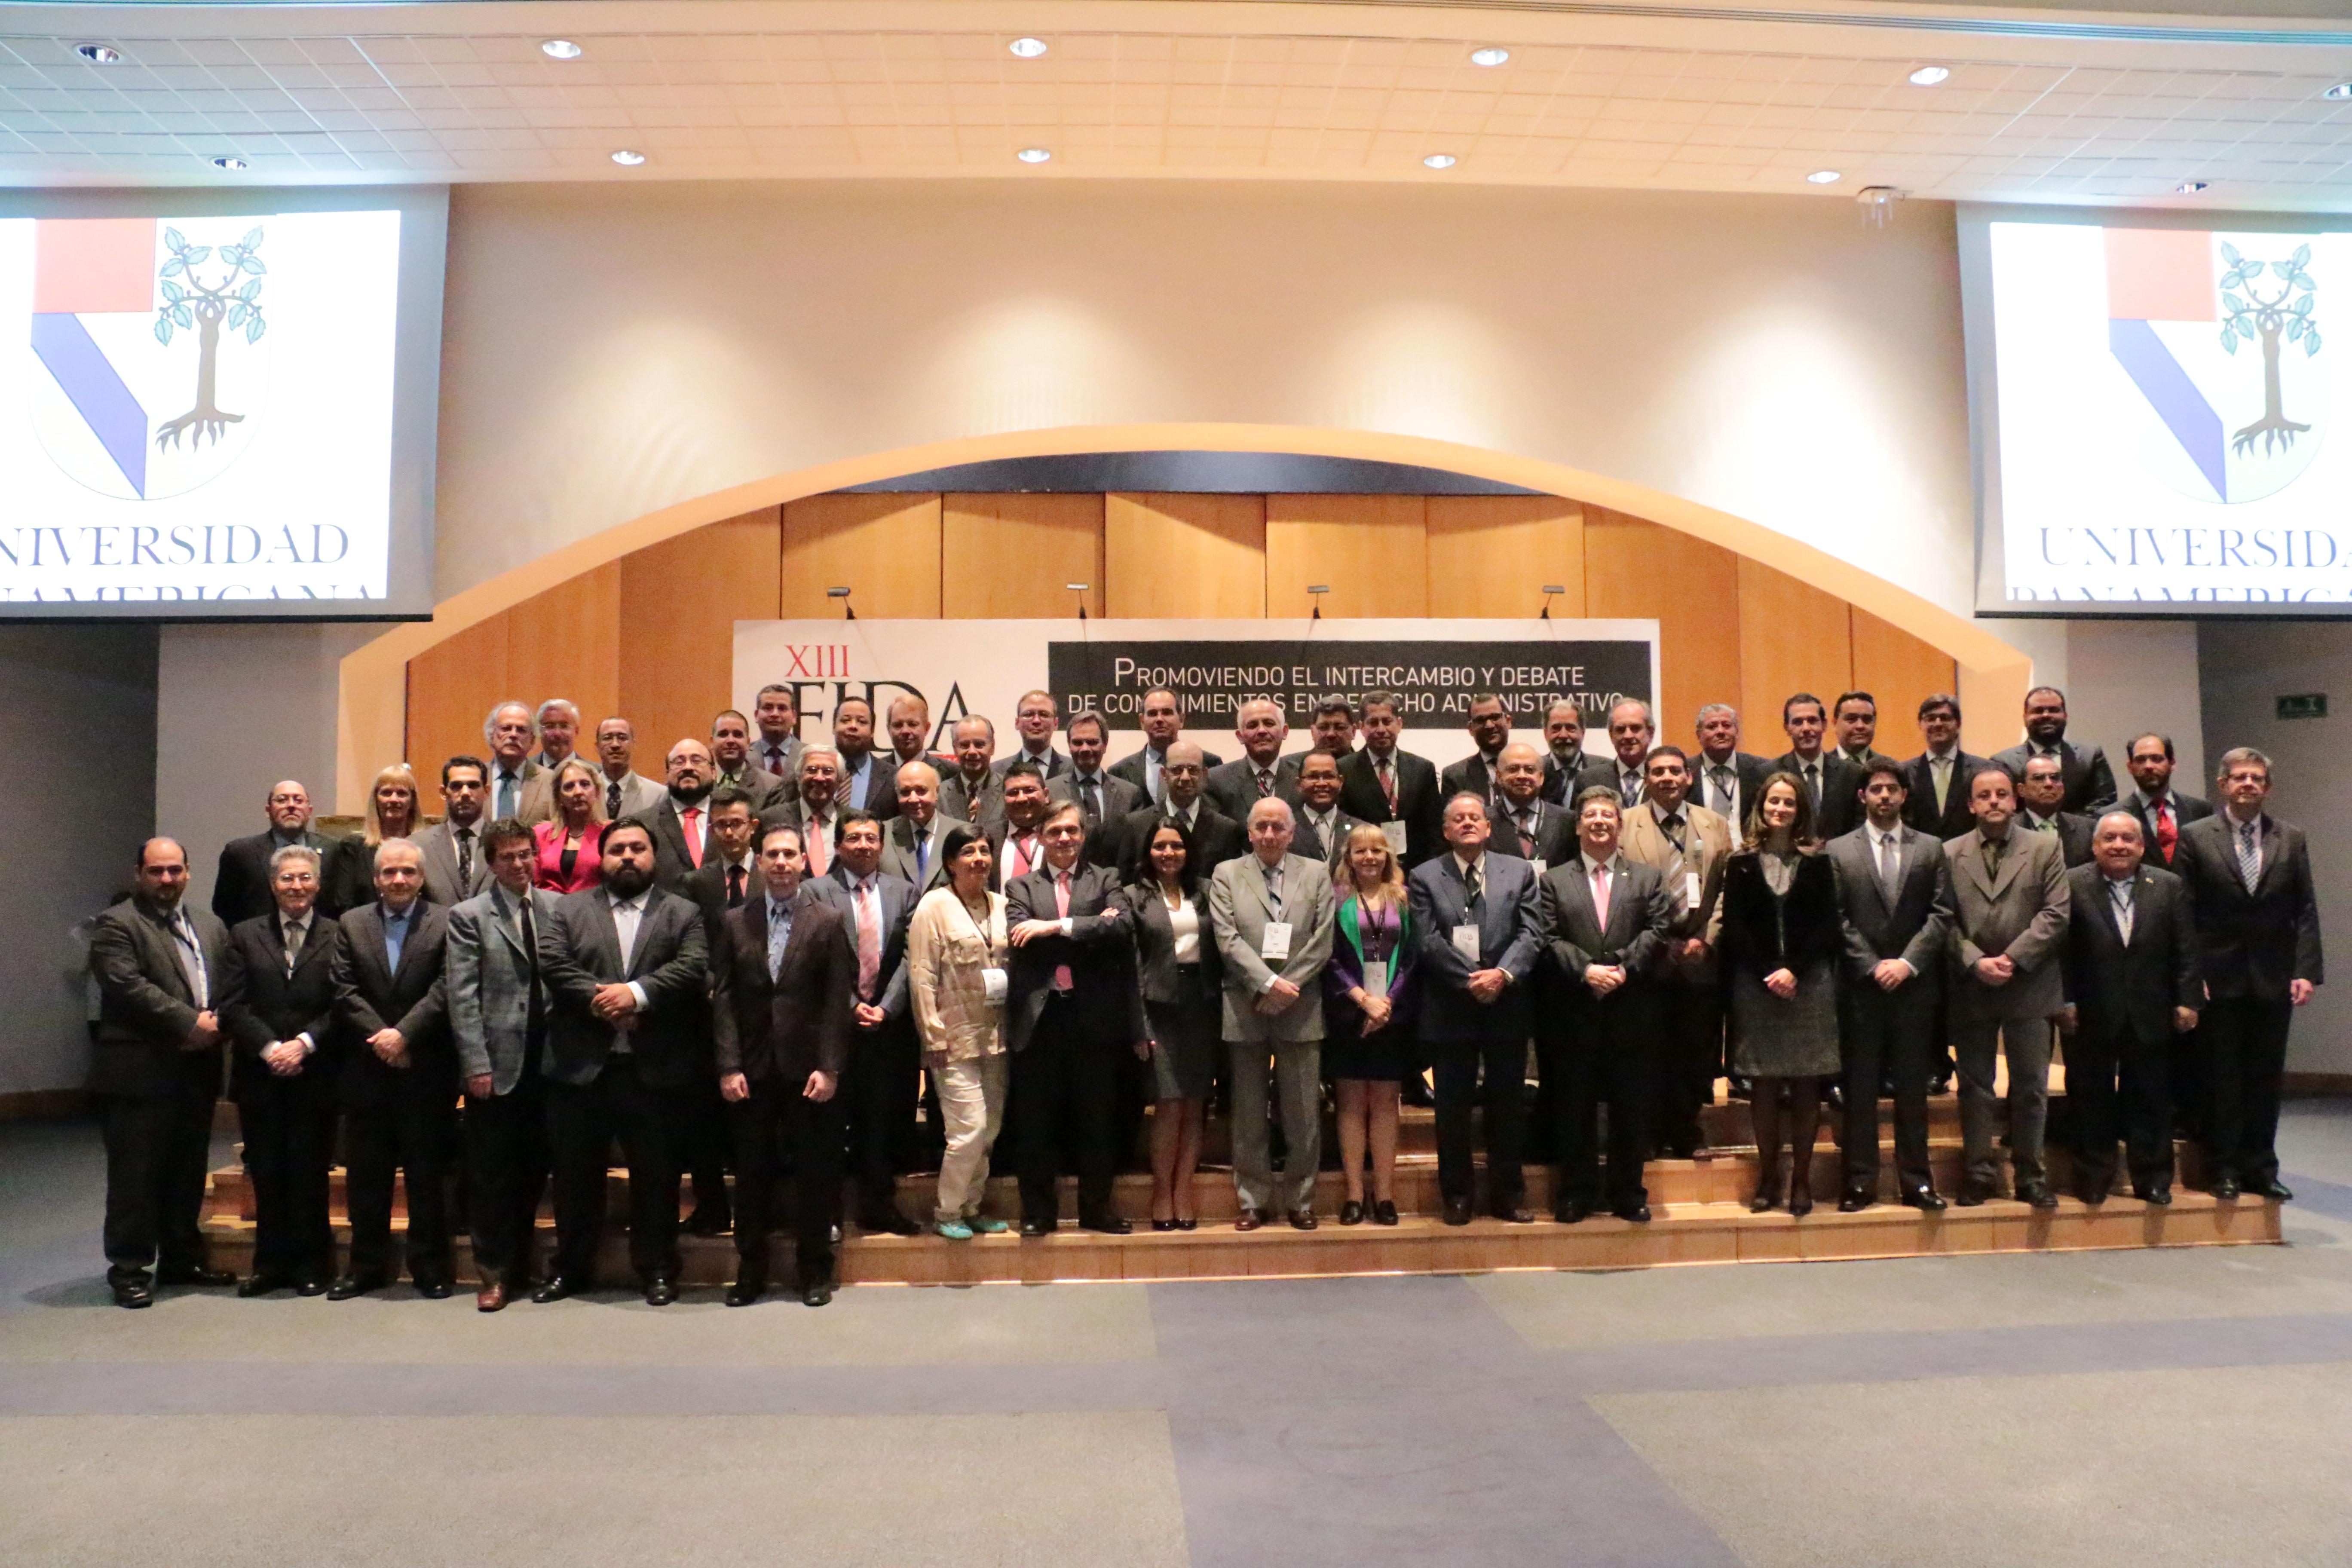 XIII reunión del Foro: 13 al 17 de octubre en México DF.